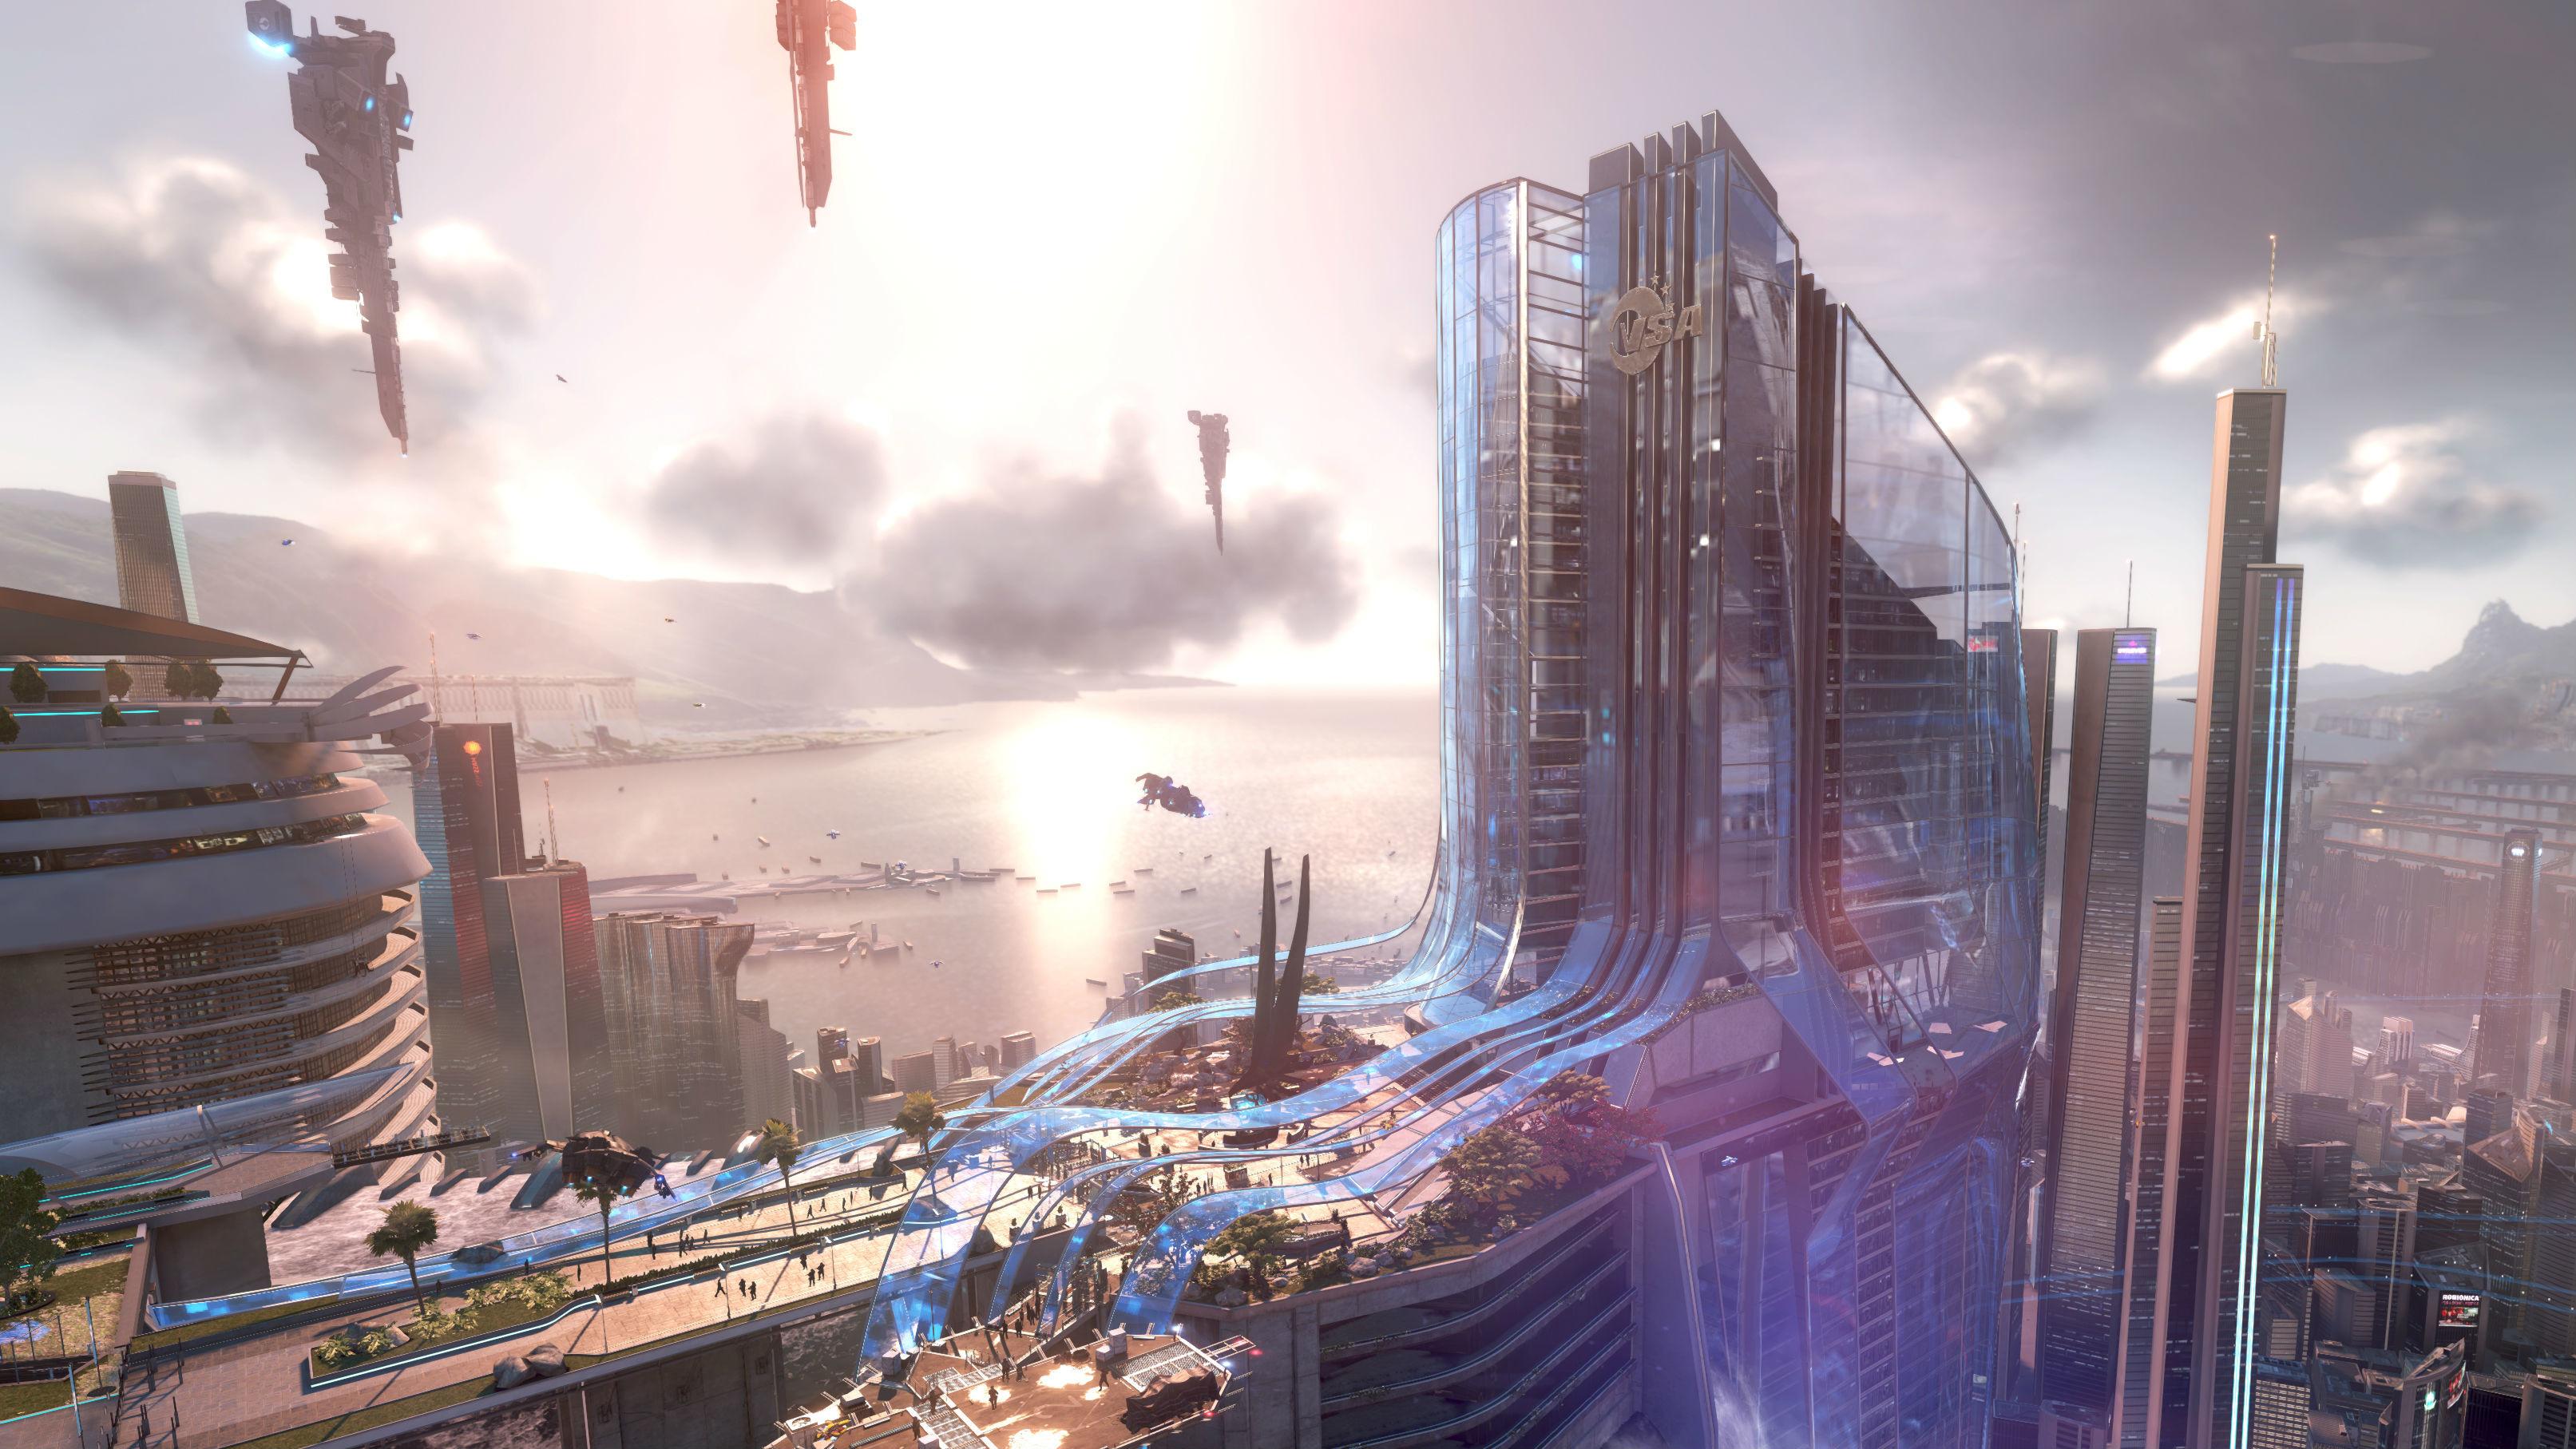 Sci fi city picture wallpaper.